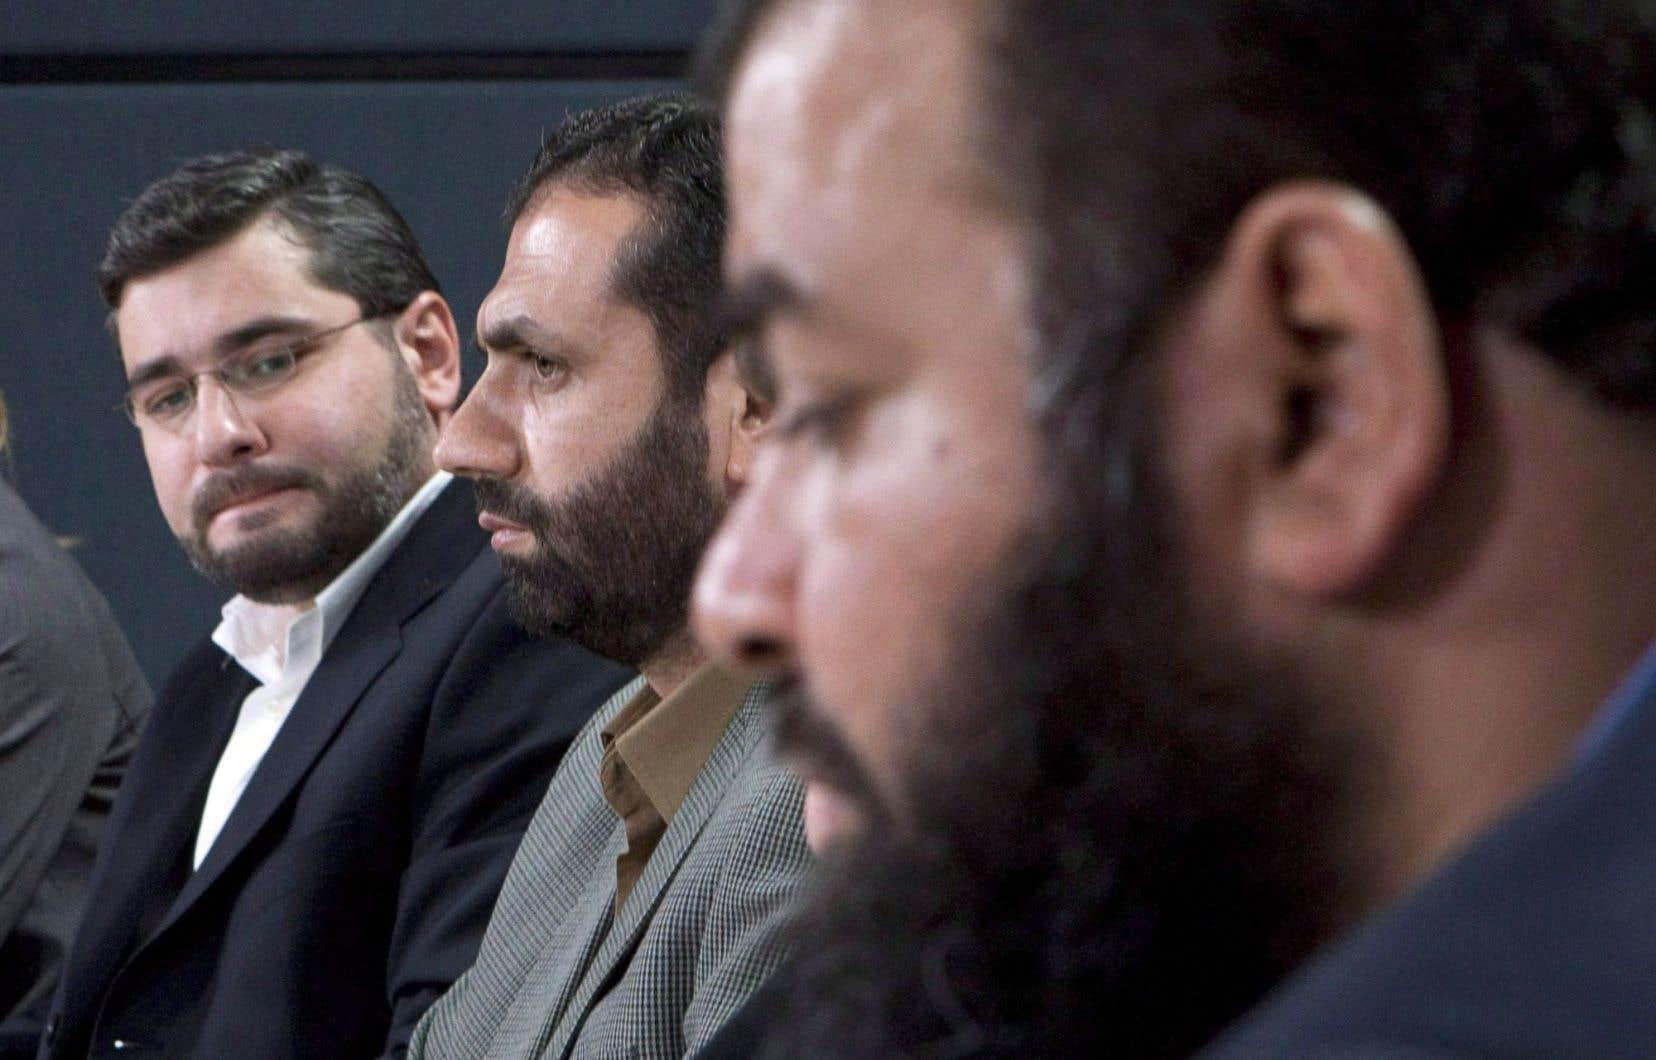 De gauche à droite, Abdullah Almalki, Muayyed Nureddin et Ahmad El Maati à Ottawa, en 2008. Les trois Canadiens ont été détenus en Syrie jusqu'en 2004, puis libérés.